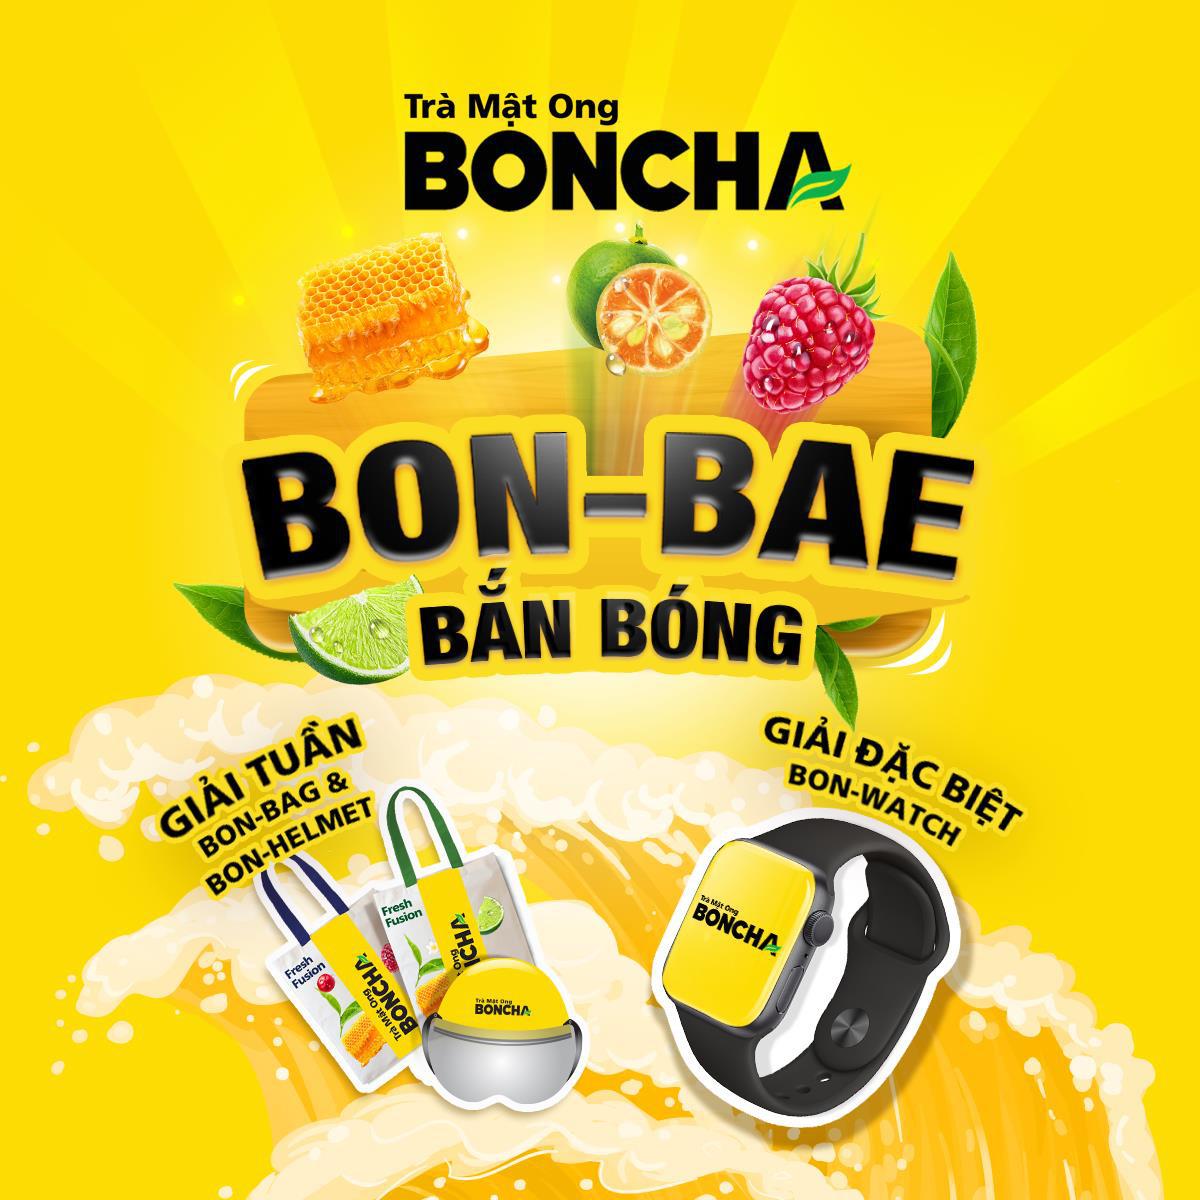 """BONCHA """"tạo sóng mạng xã hội với minigame BON-BAE bắn bóng - Ảnh 3."""